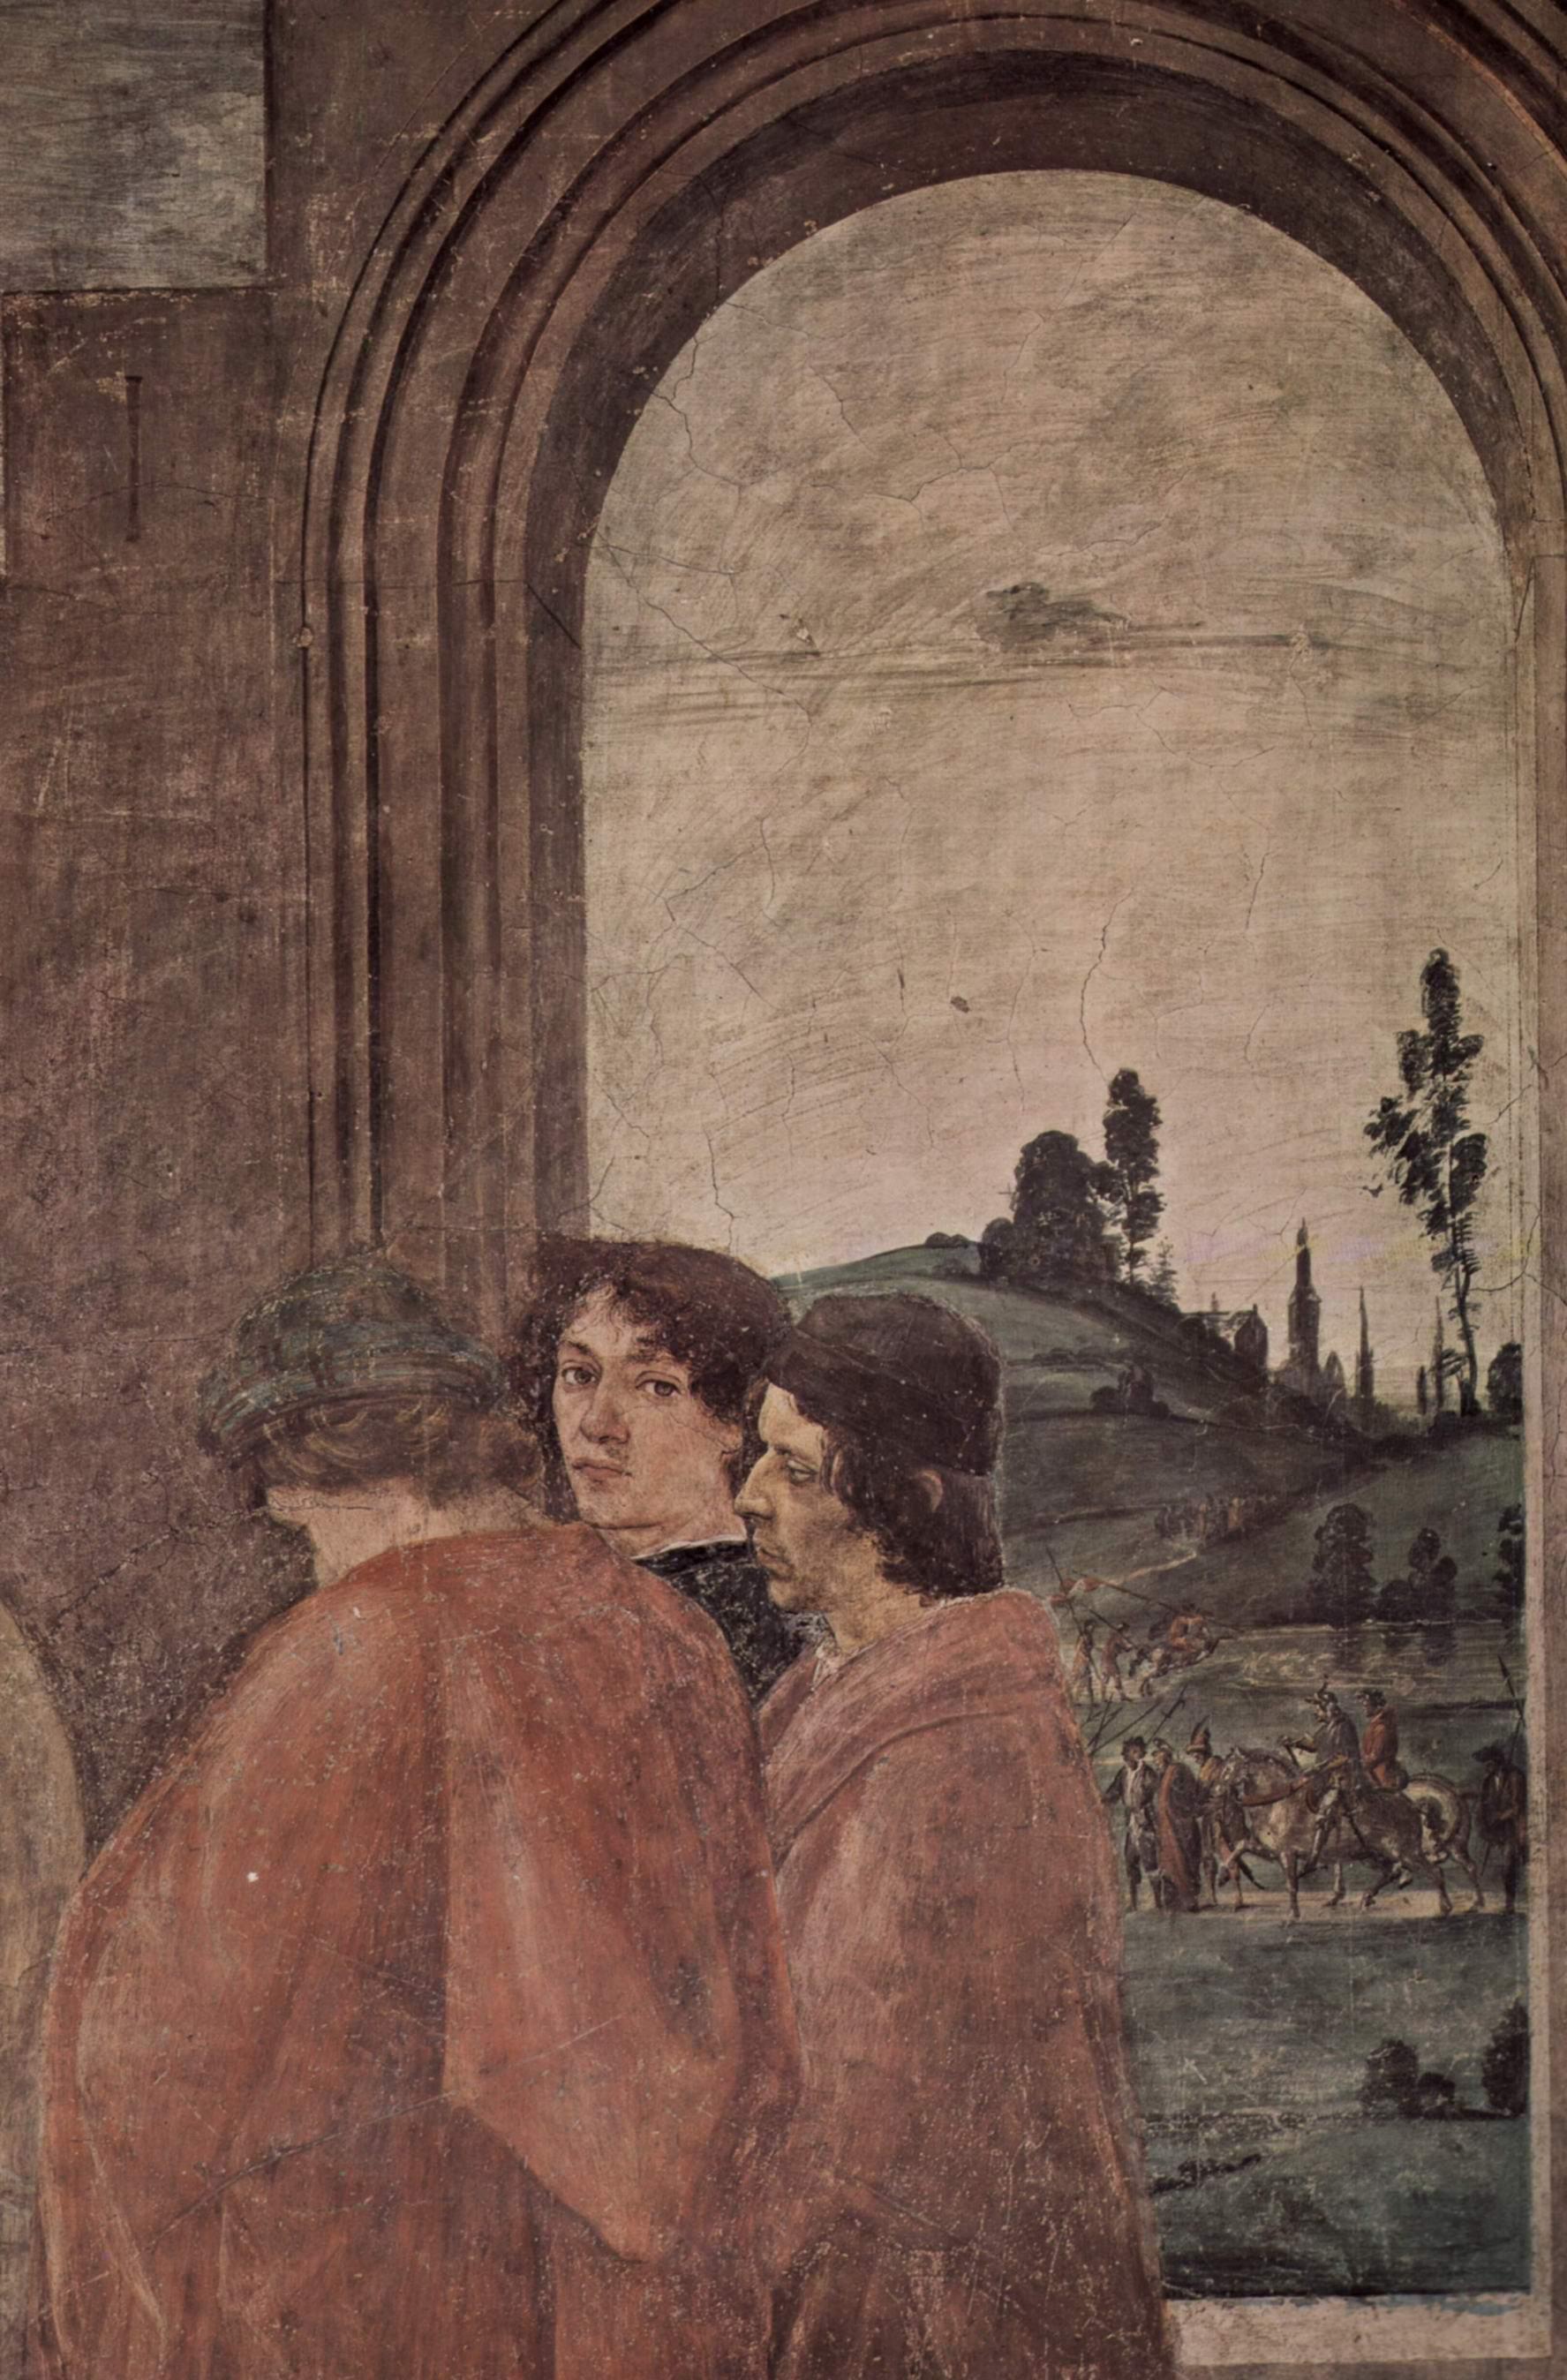 Цикл фресок в капелле Бранкаччи в Санта Мария дель Кармине (Флоренция). Мученичество апостола Петра. Фрагмент, Липпи Филиппино